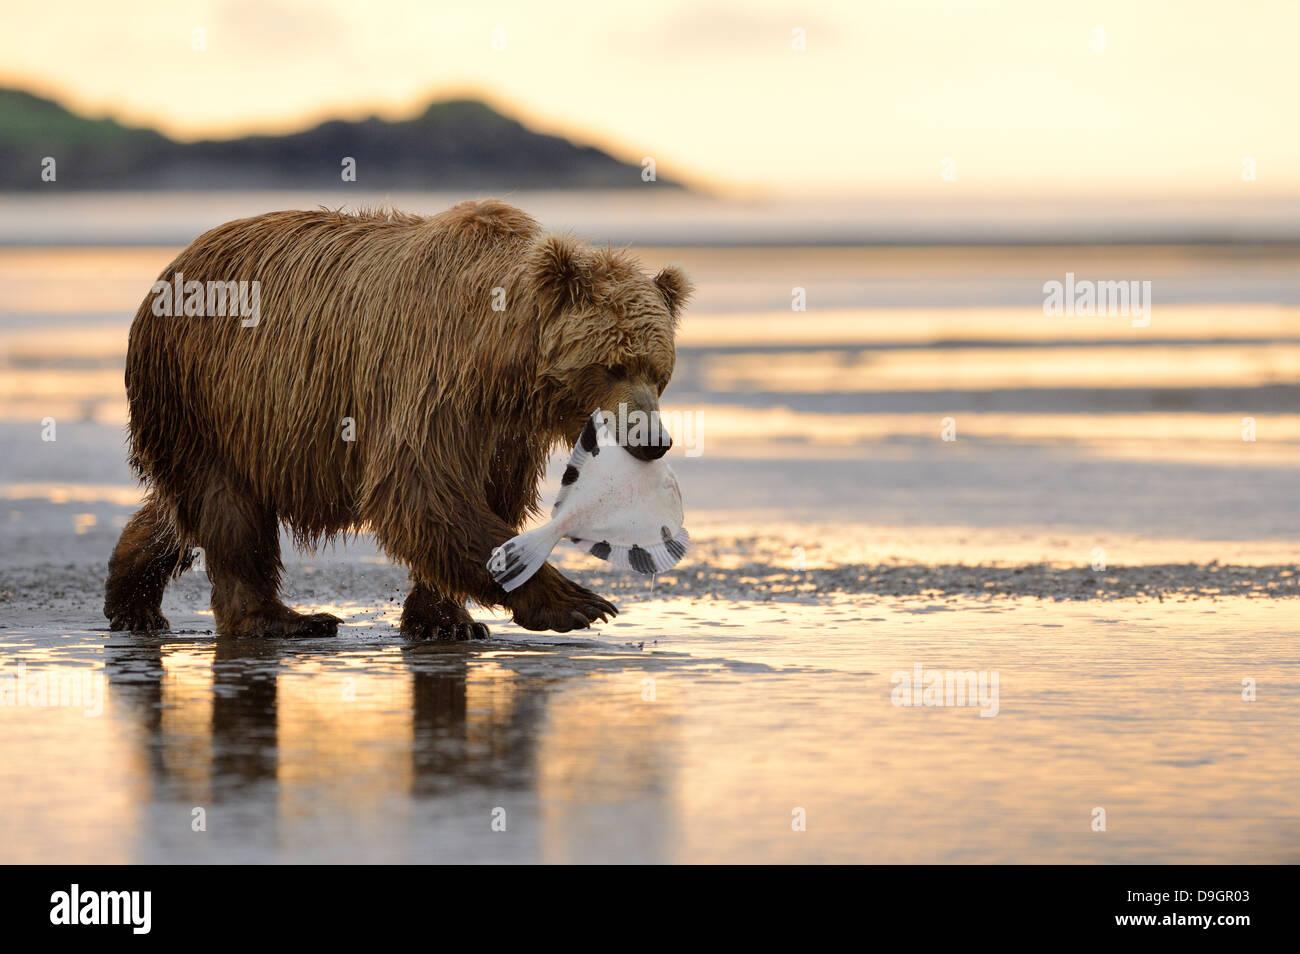 Grizzly Bear caminando con pescado fresco en boca Imagen De Stock